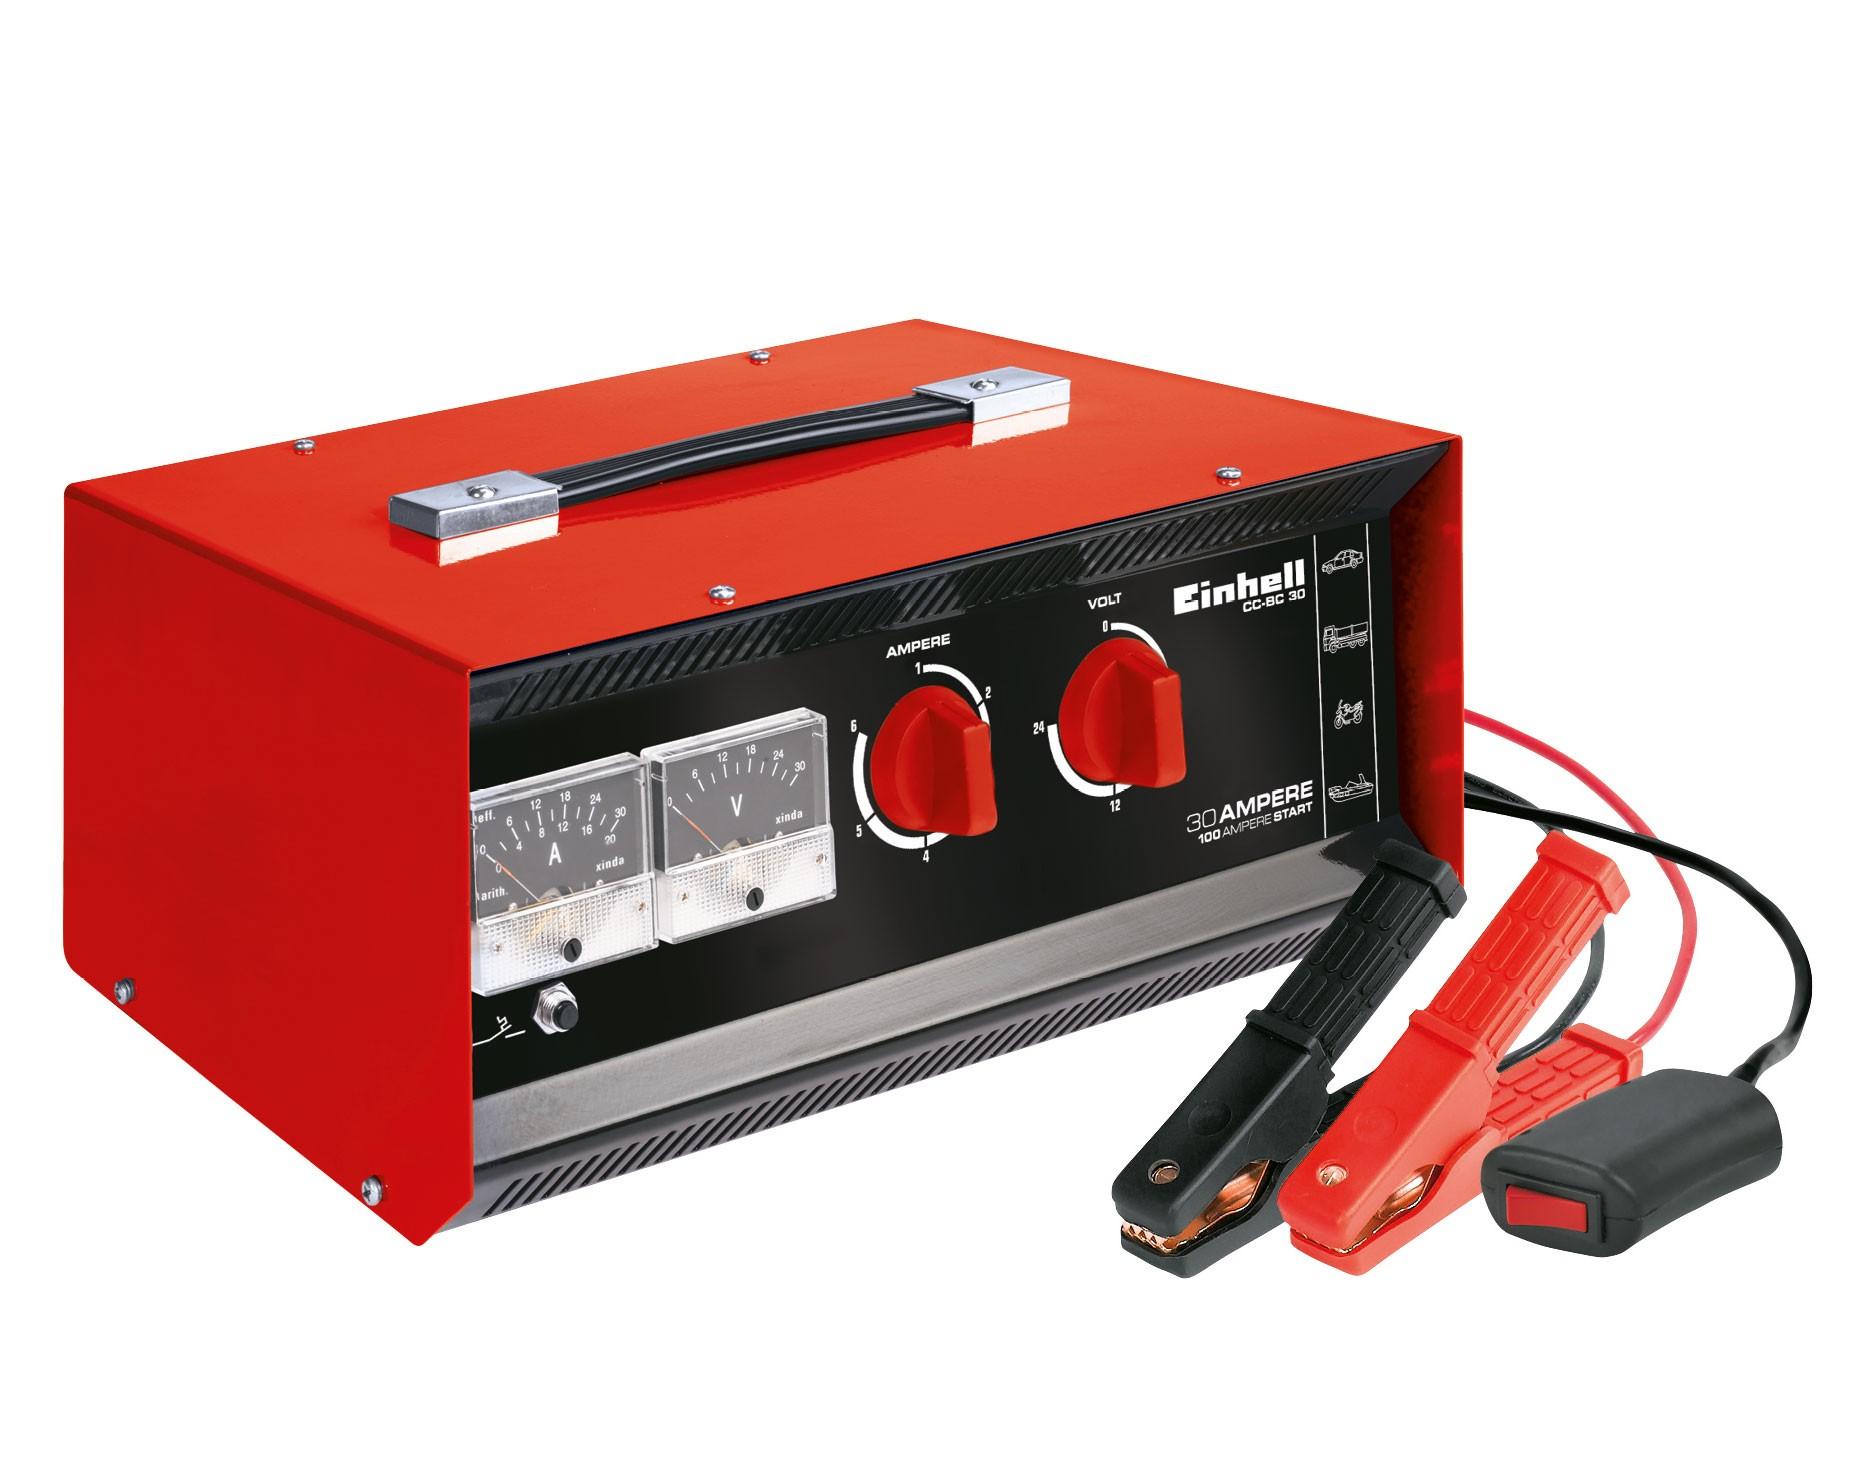 Batterieladegerät Einhell CC-BC 30 6 V/ 12V/ 24V 3-400 Ah Bild 1